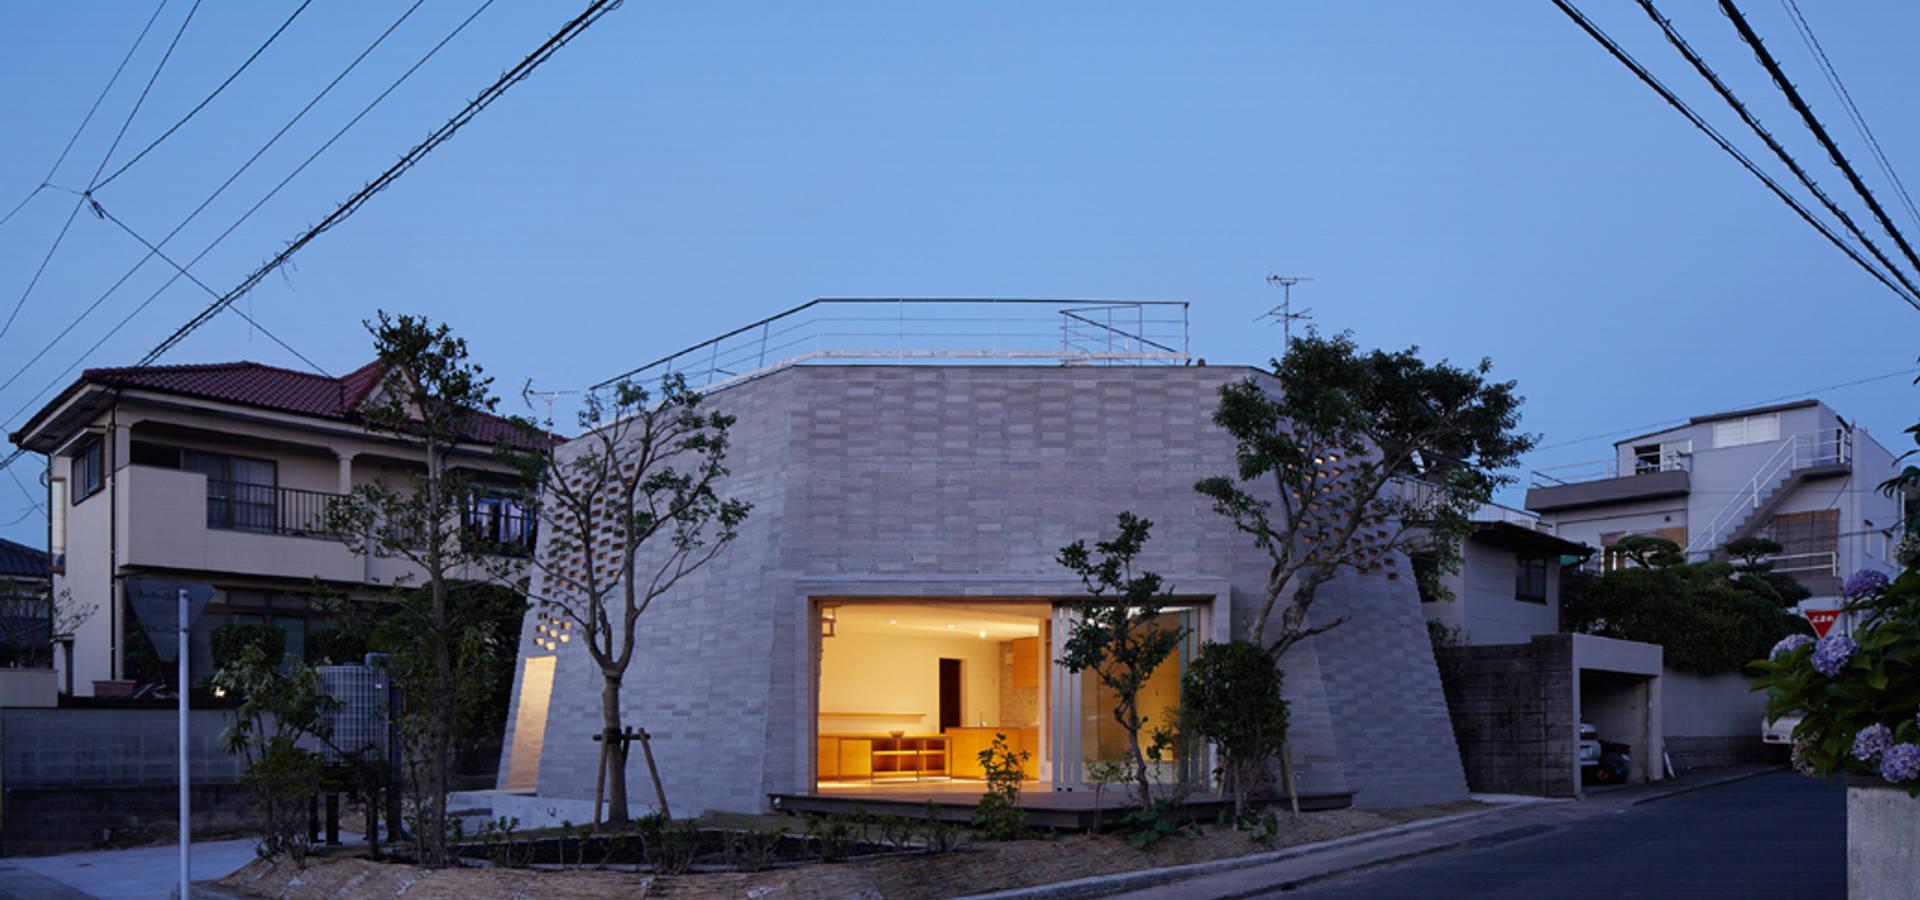 ARAY Architecture